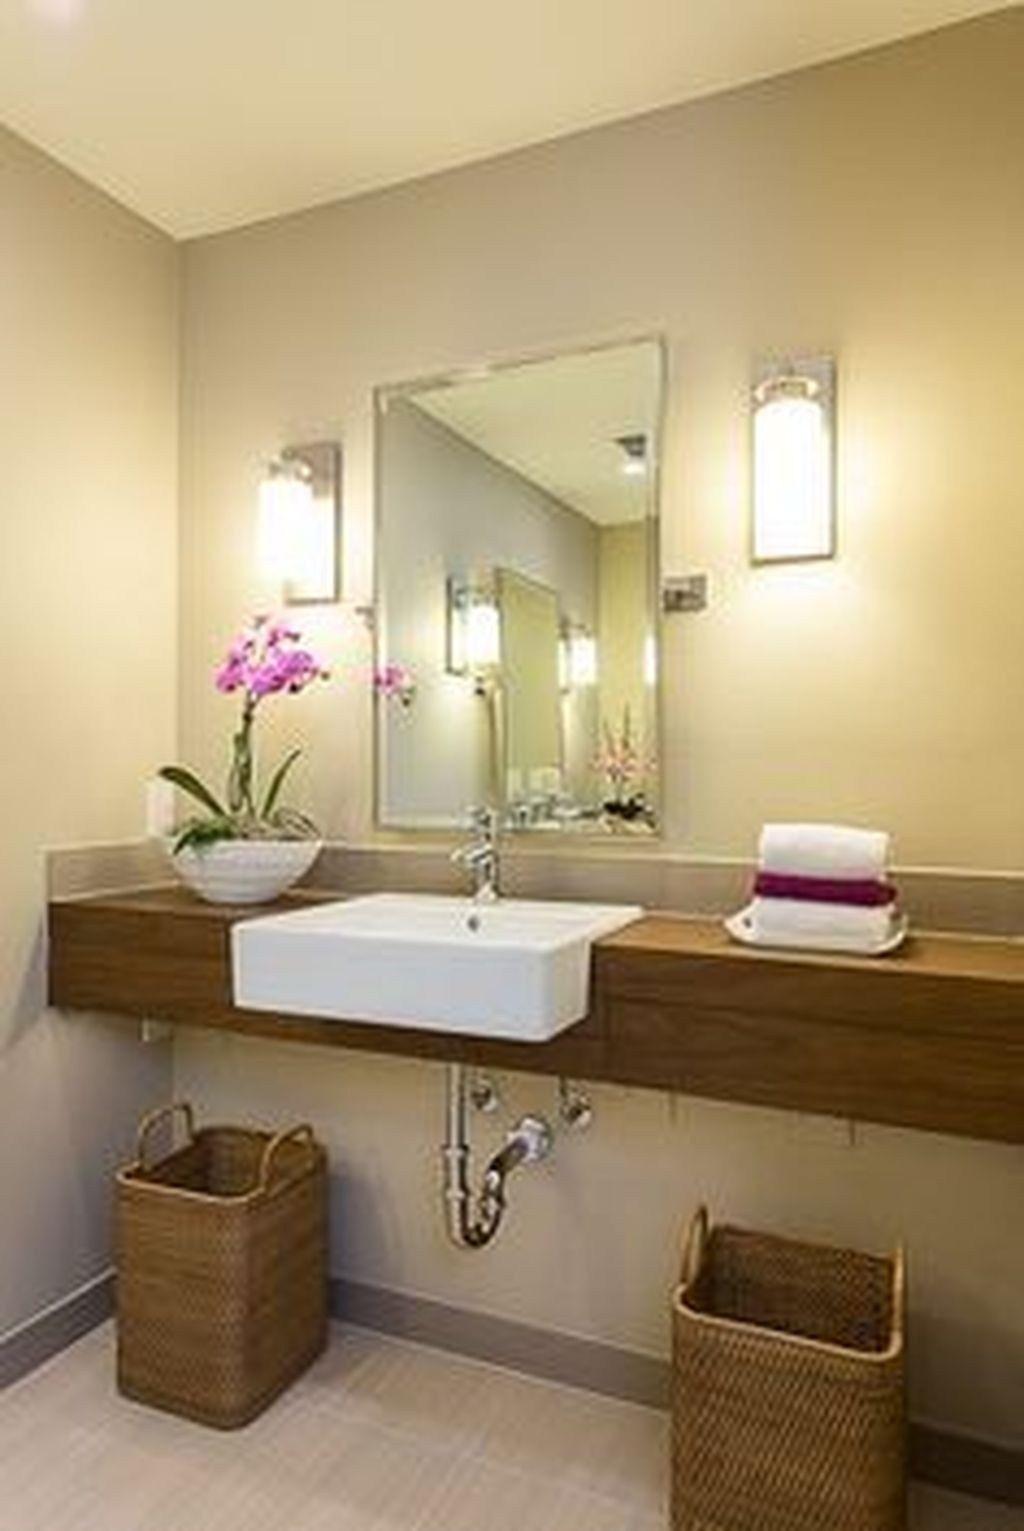 newest handicap bathroom design ideas 16  handicap